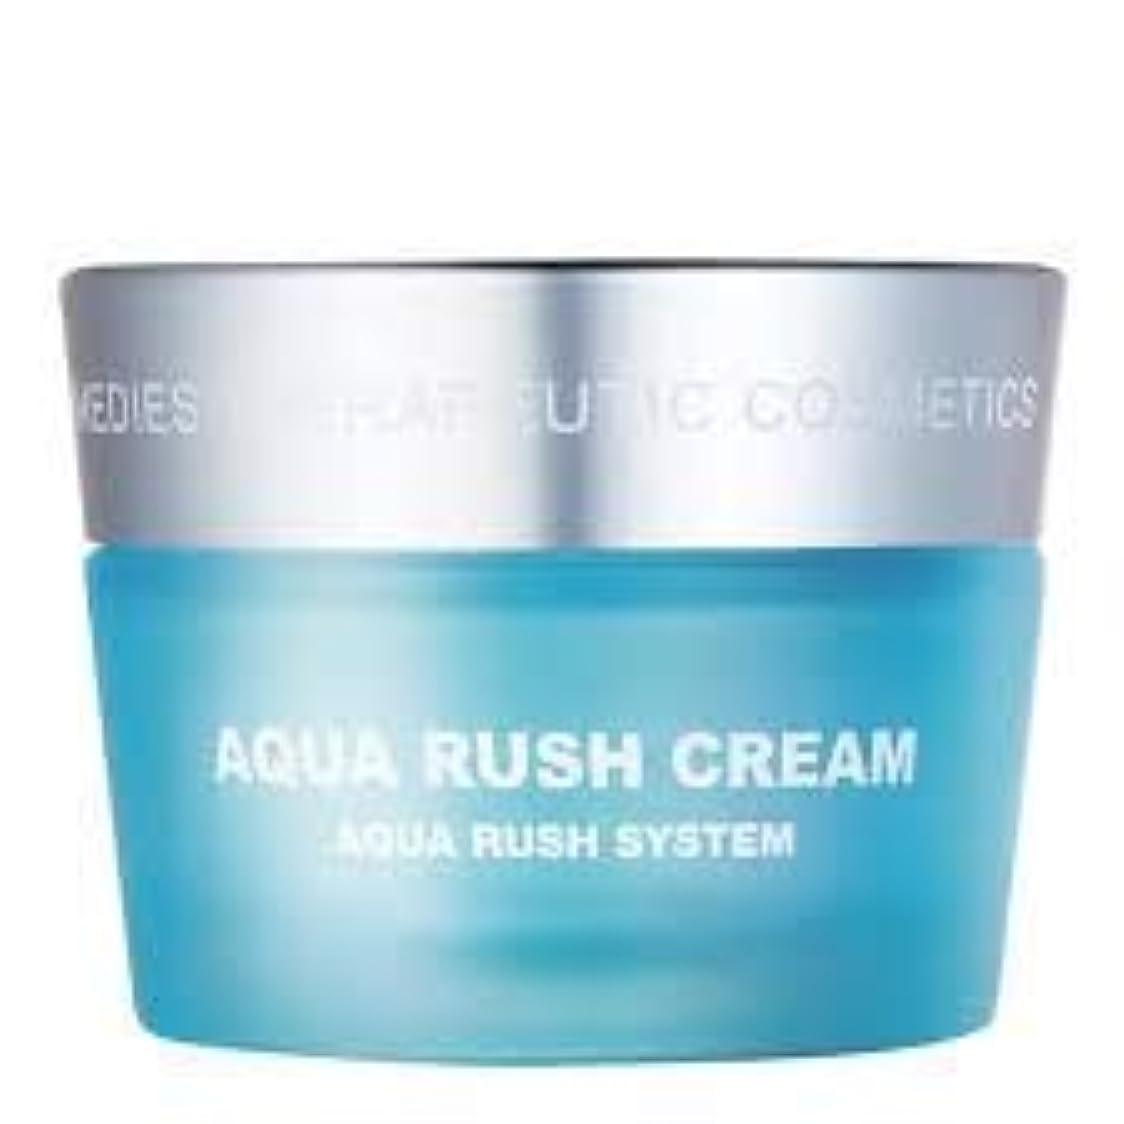 手当はがき船乗りBRTC 乾燥肌に集中的な水分を供給アクアラッシュクリーム1つ60ミリリットル保湿クリーム